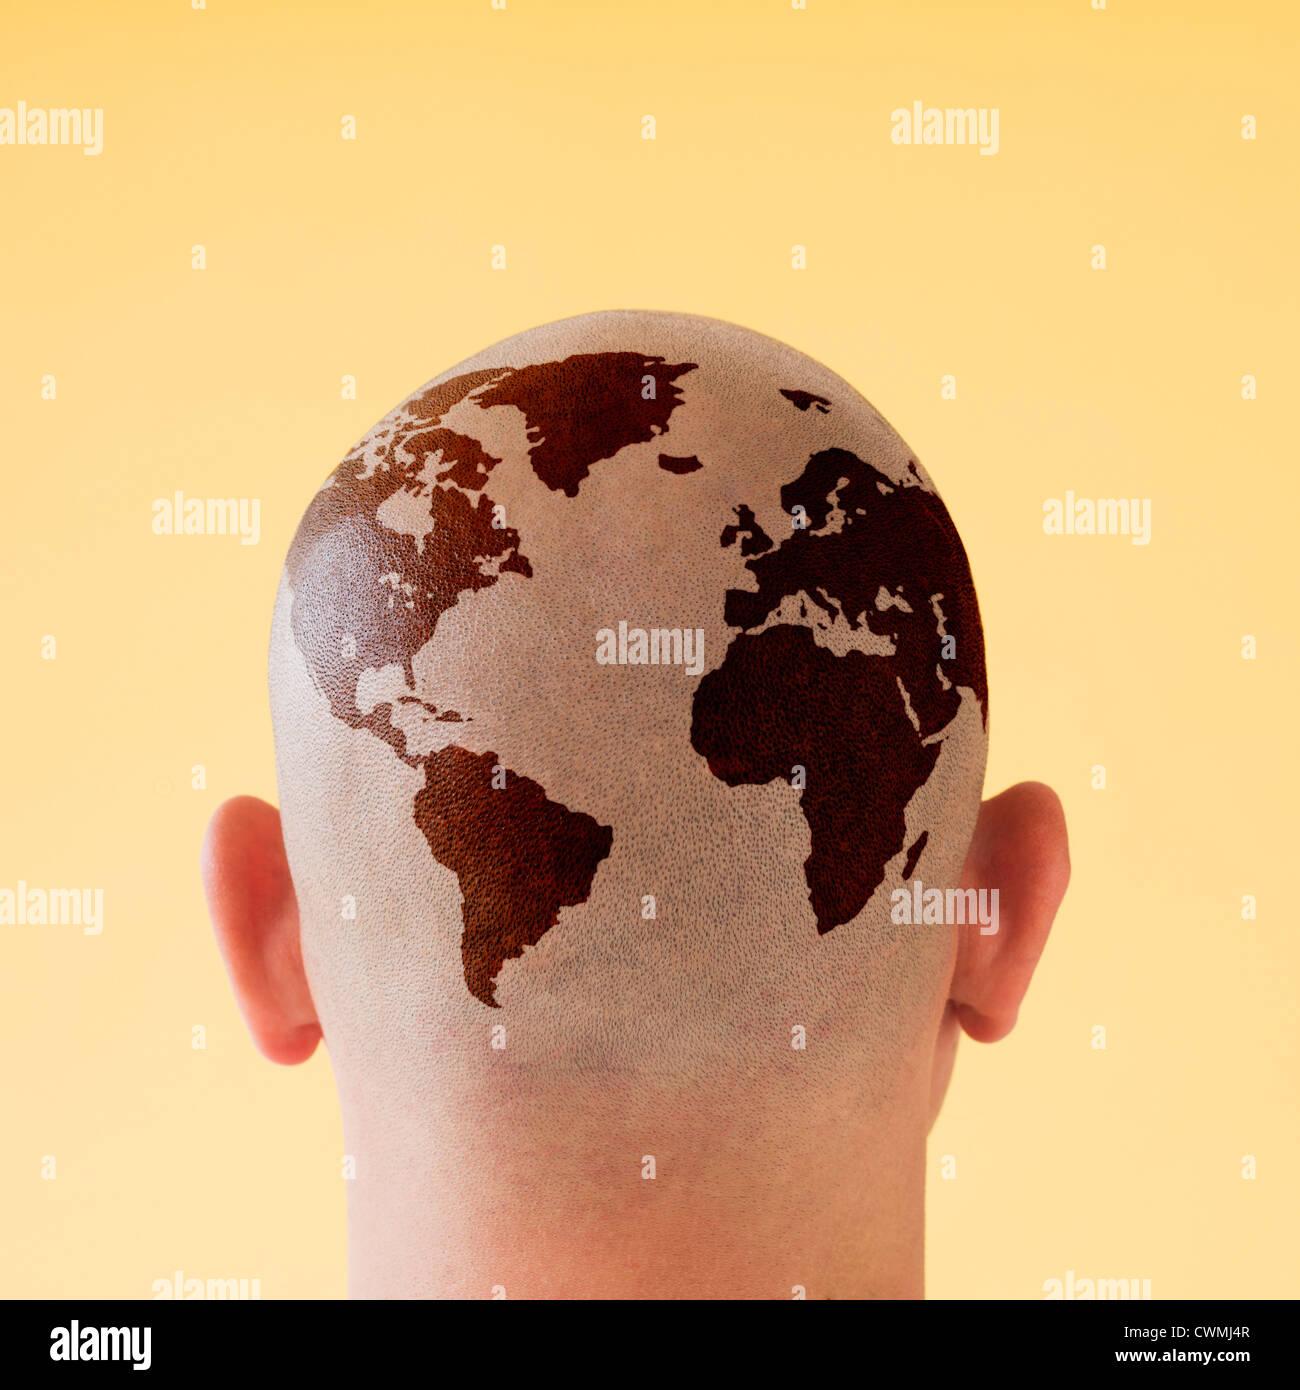 Vista posteriore dell'uomo con la mappa del mondo sulla testa rasata Immagini Stock